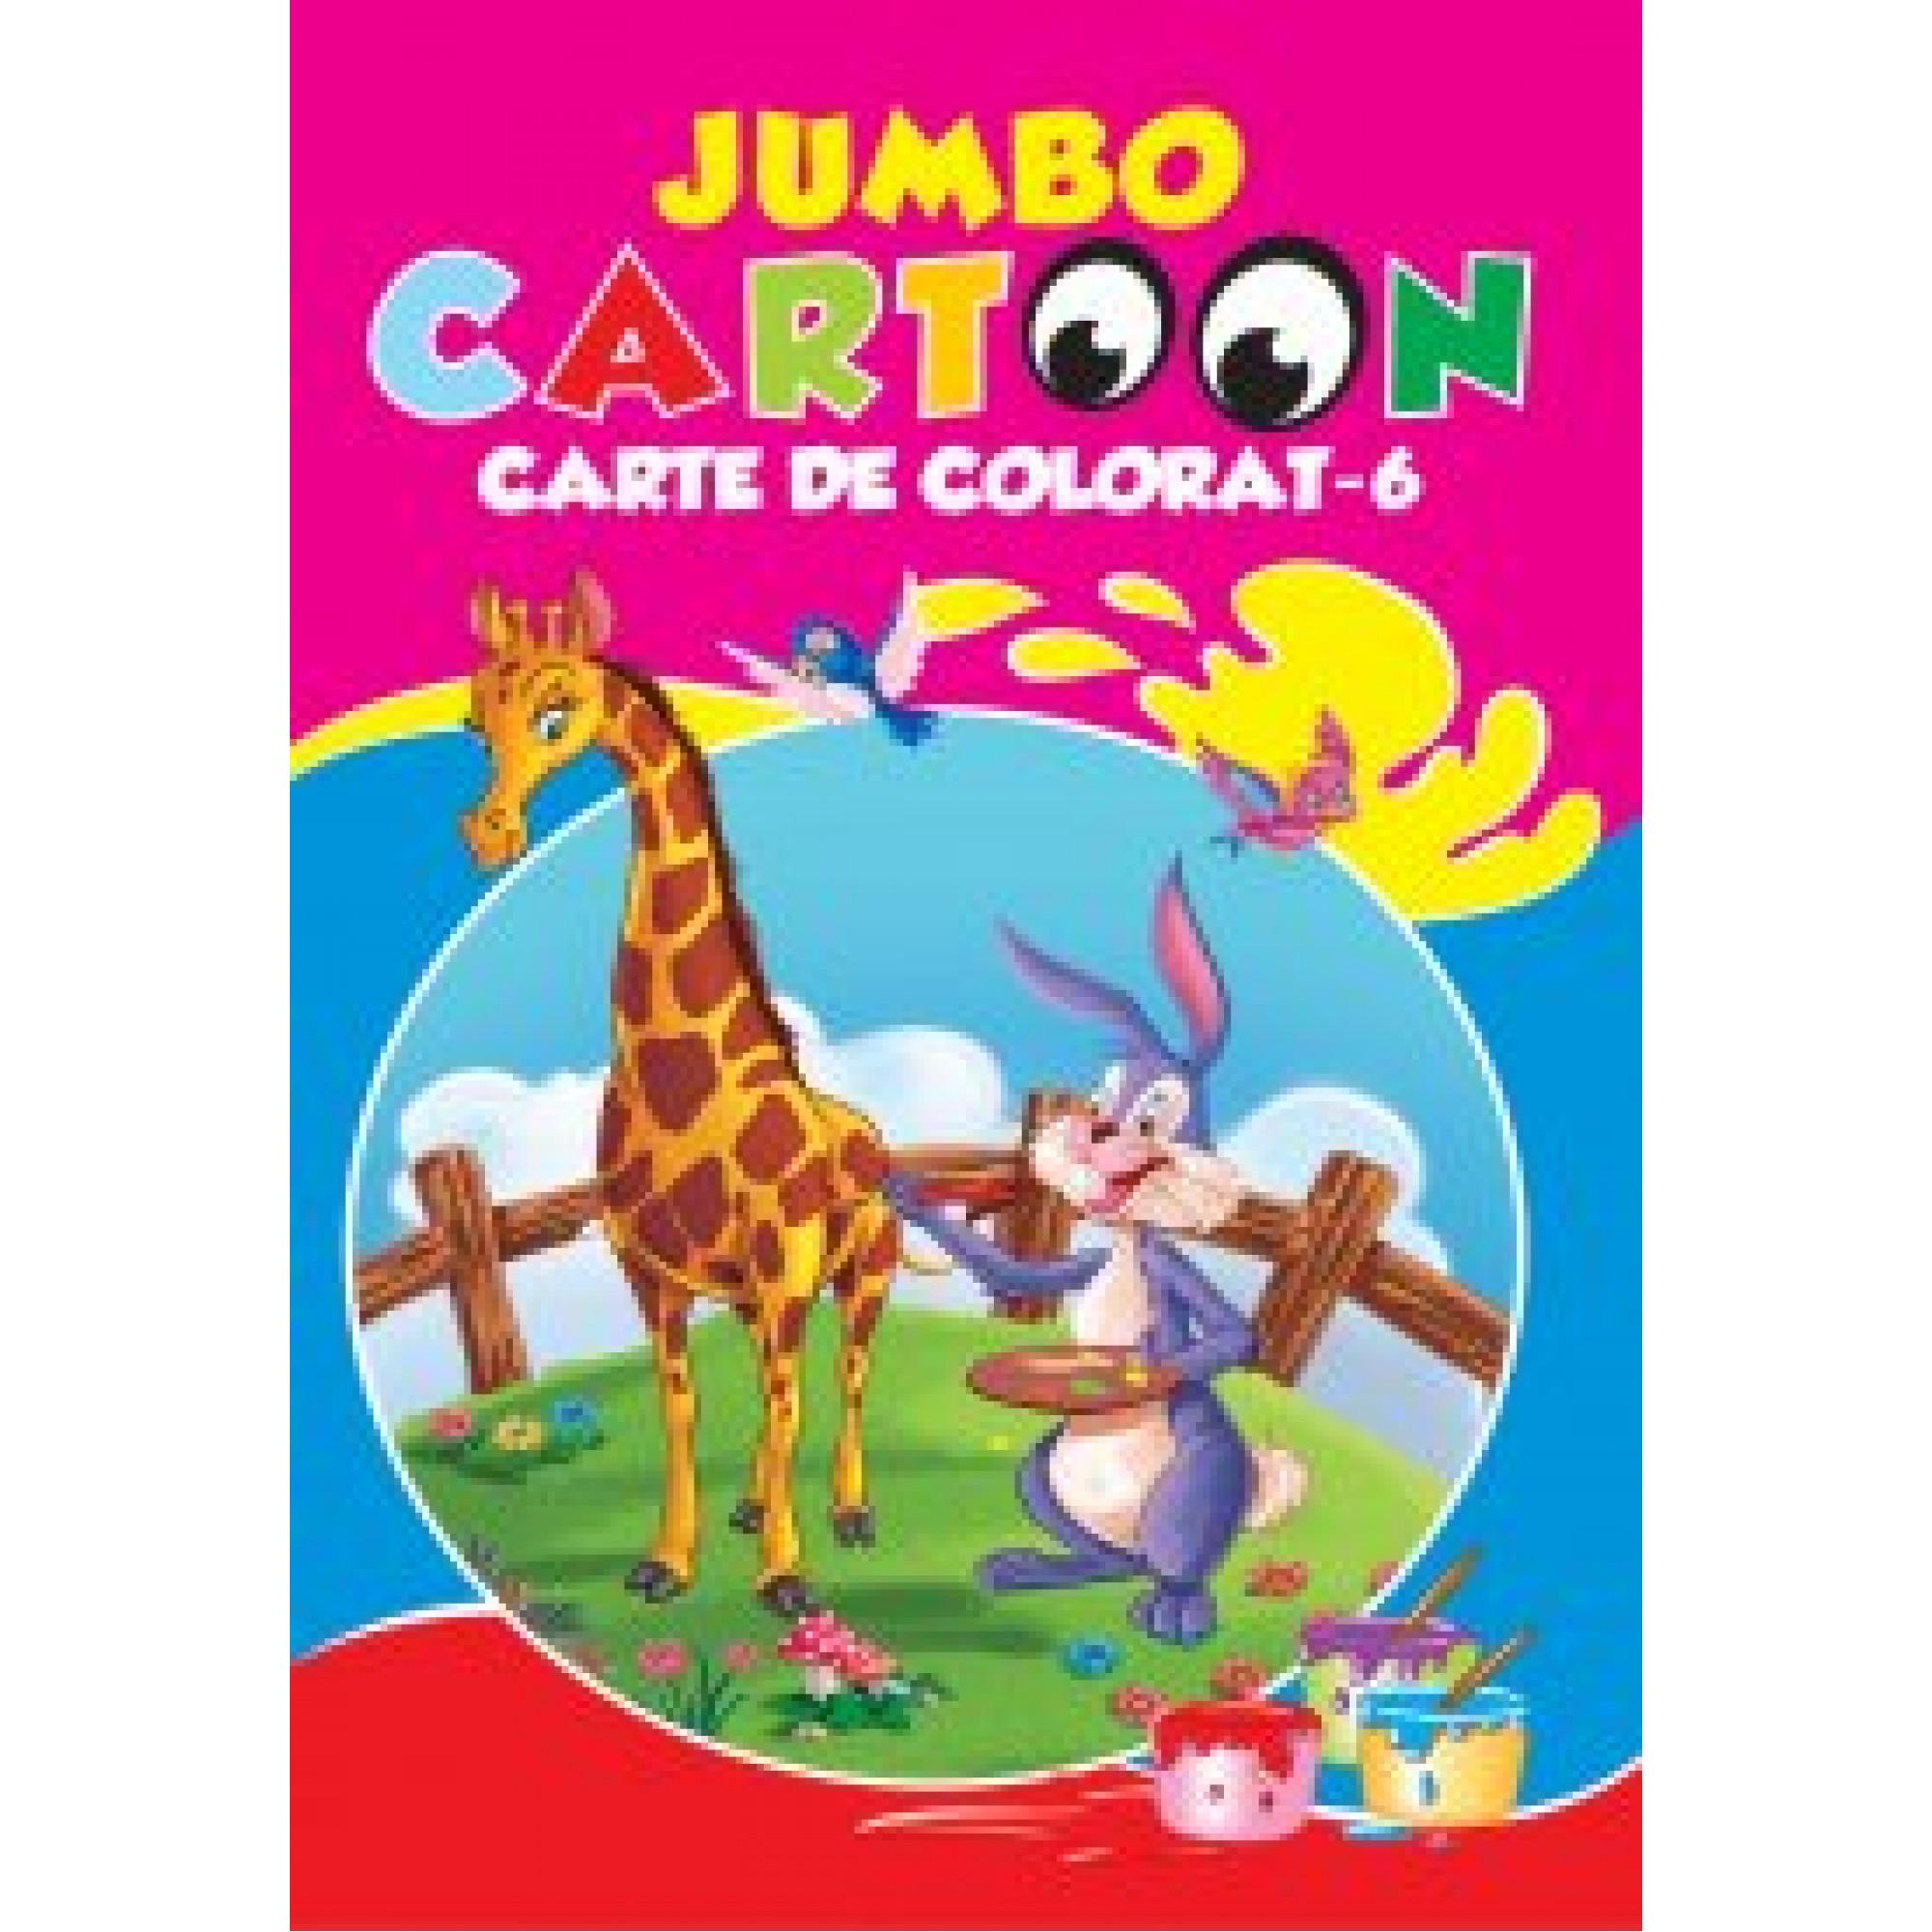 Jumbo cartoon. Carte de colorat 6